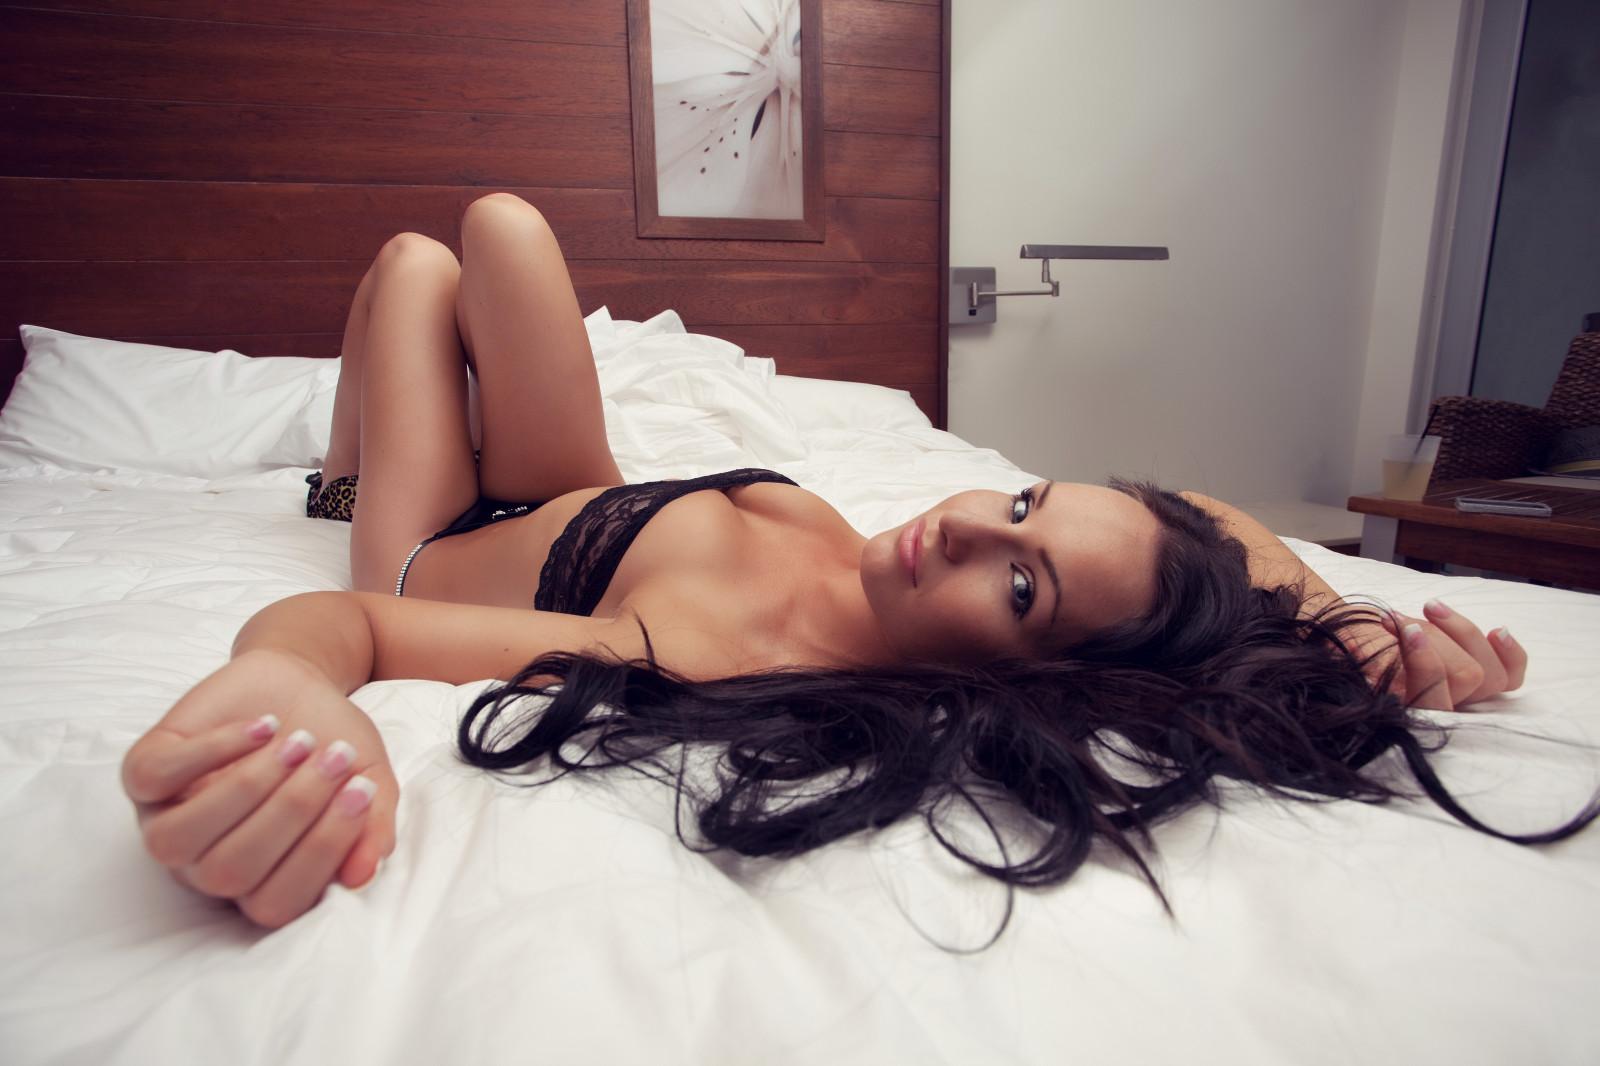 групповой секс с девушкой прикованной к кровати фото мне